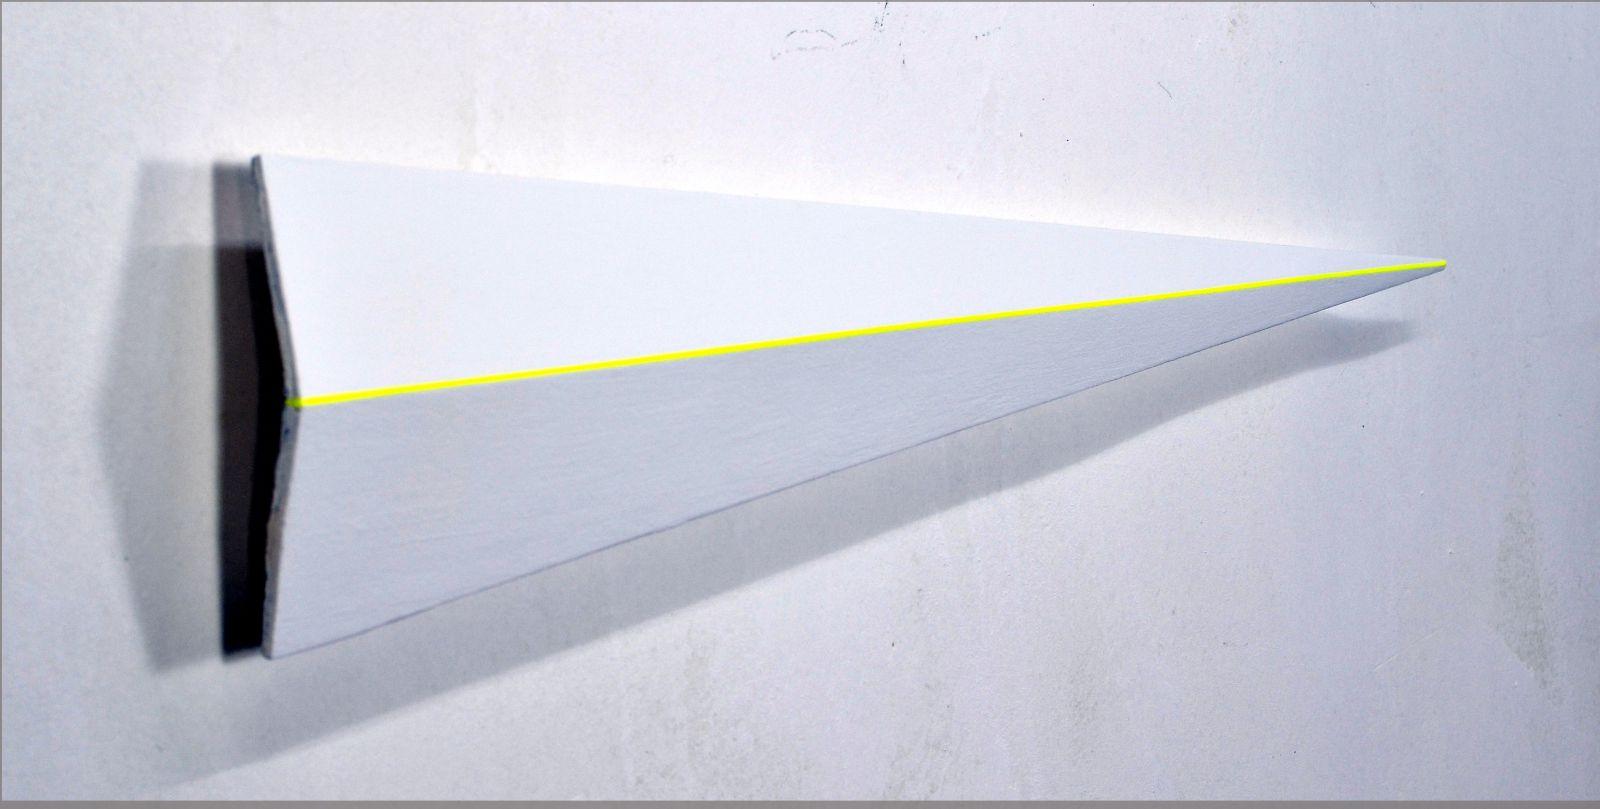 Dreieck mit gelber Linie -zweitausendzwanzig